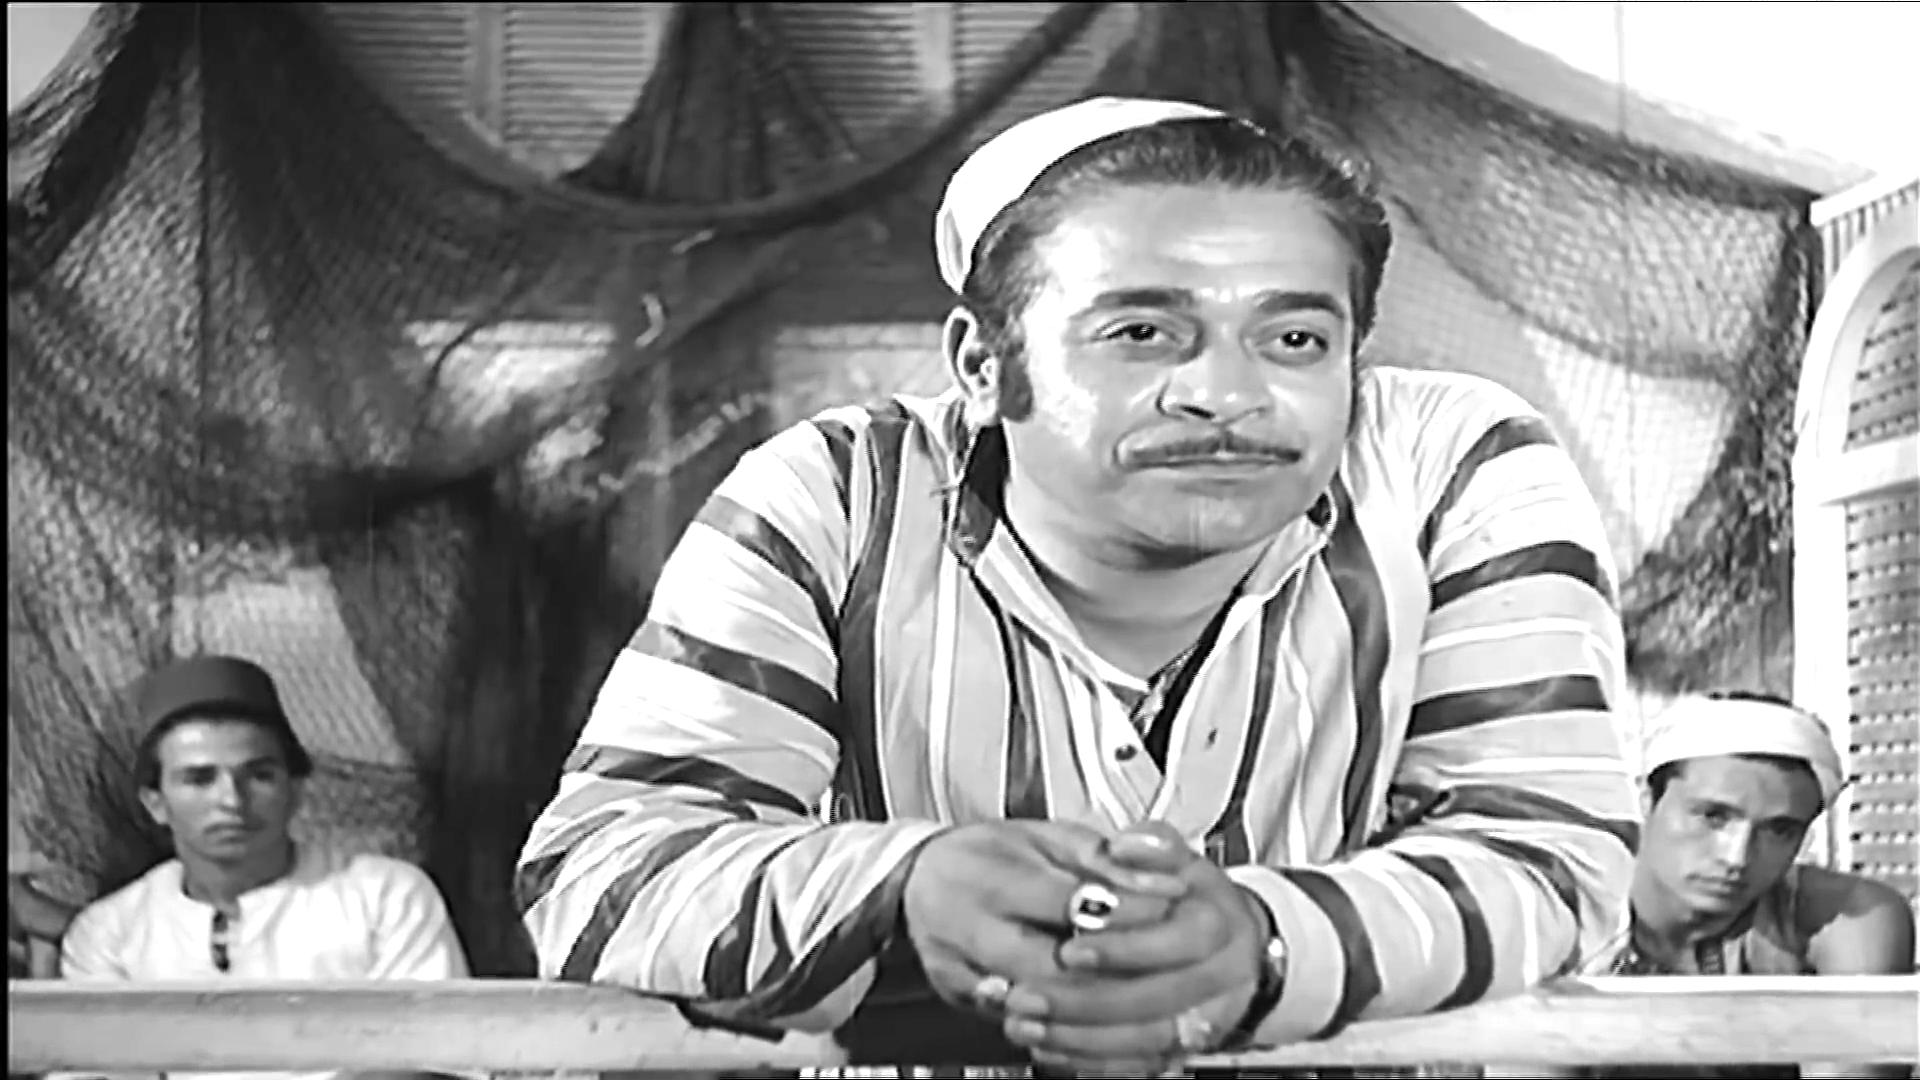 [فيلم][تورنت][تحميل][رجل في حياتي][1961][1080p][Web-DL] 5 arabp2p.com